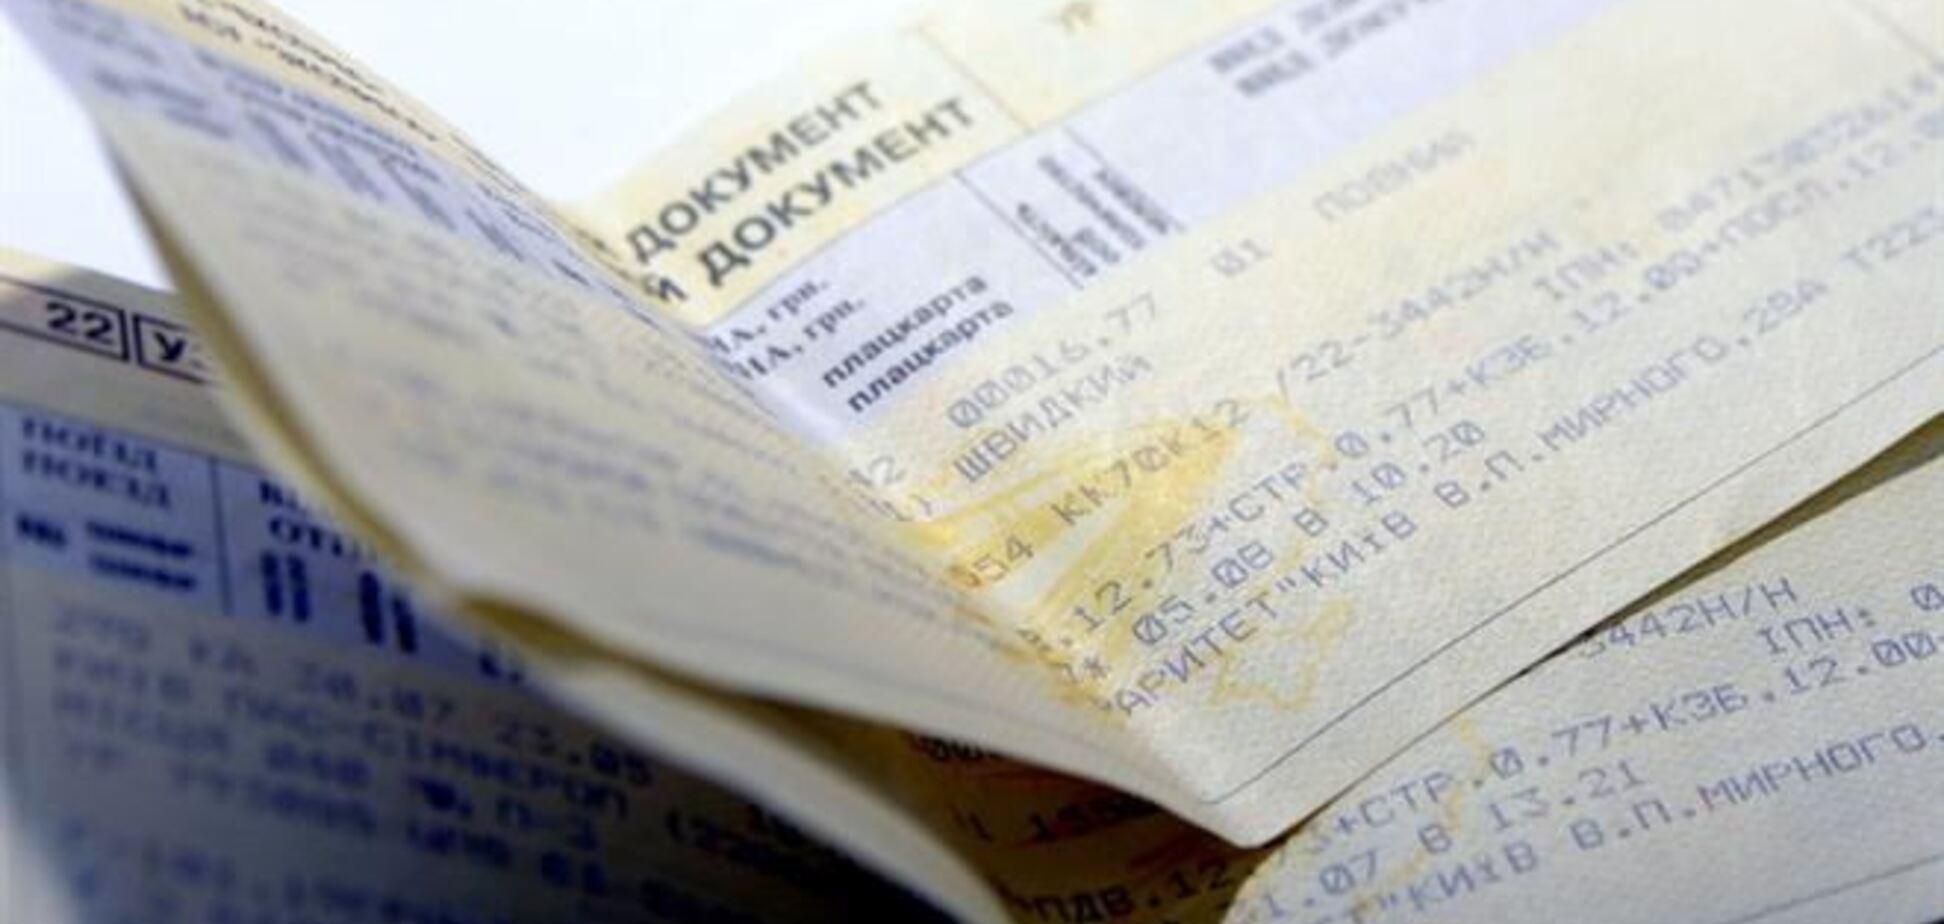 МВД предлагает вносить в ж/д билеты паспортные данные пассажира